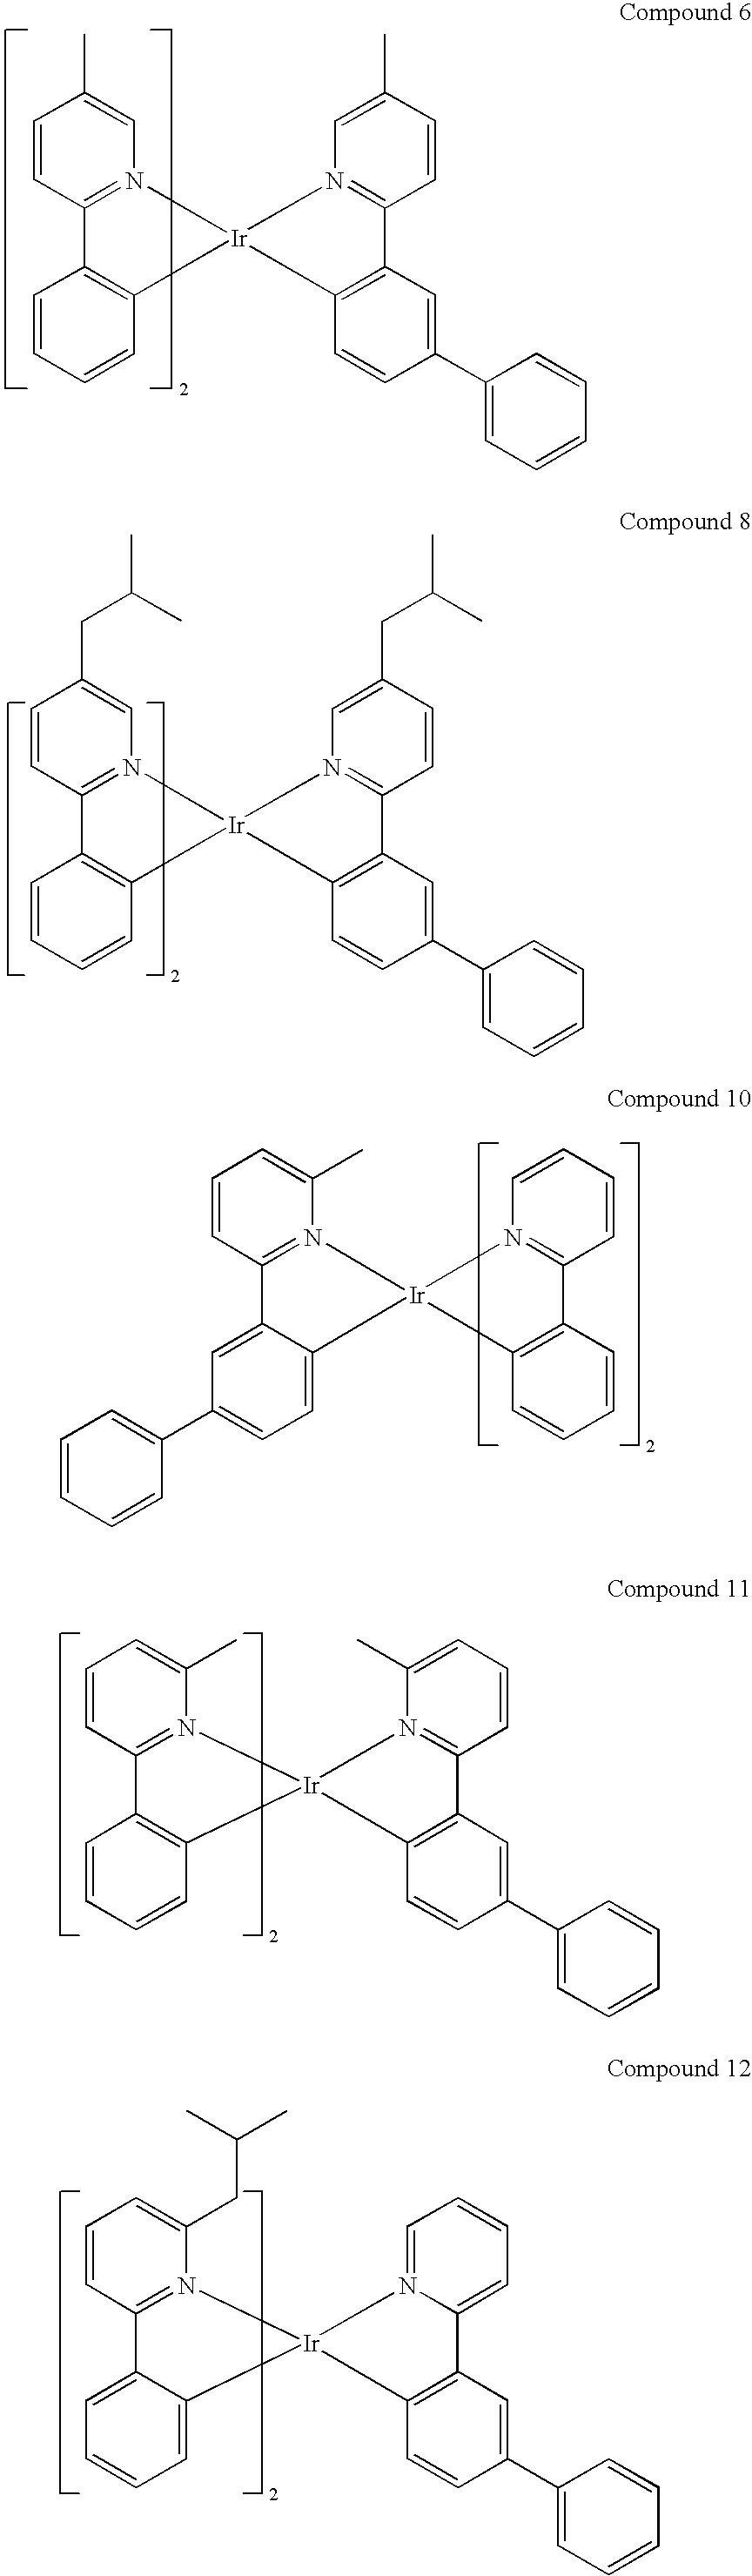 Figure US20090108737A1-20090430-C00239